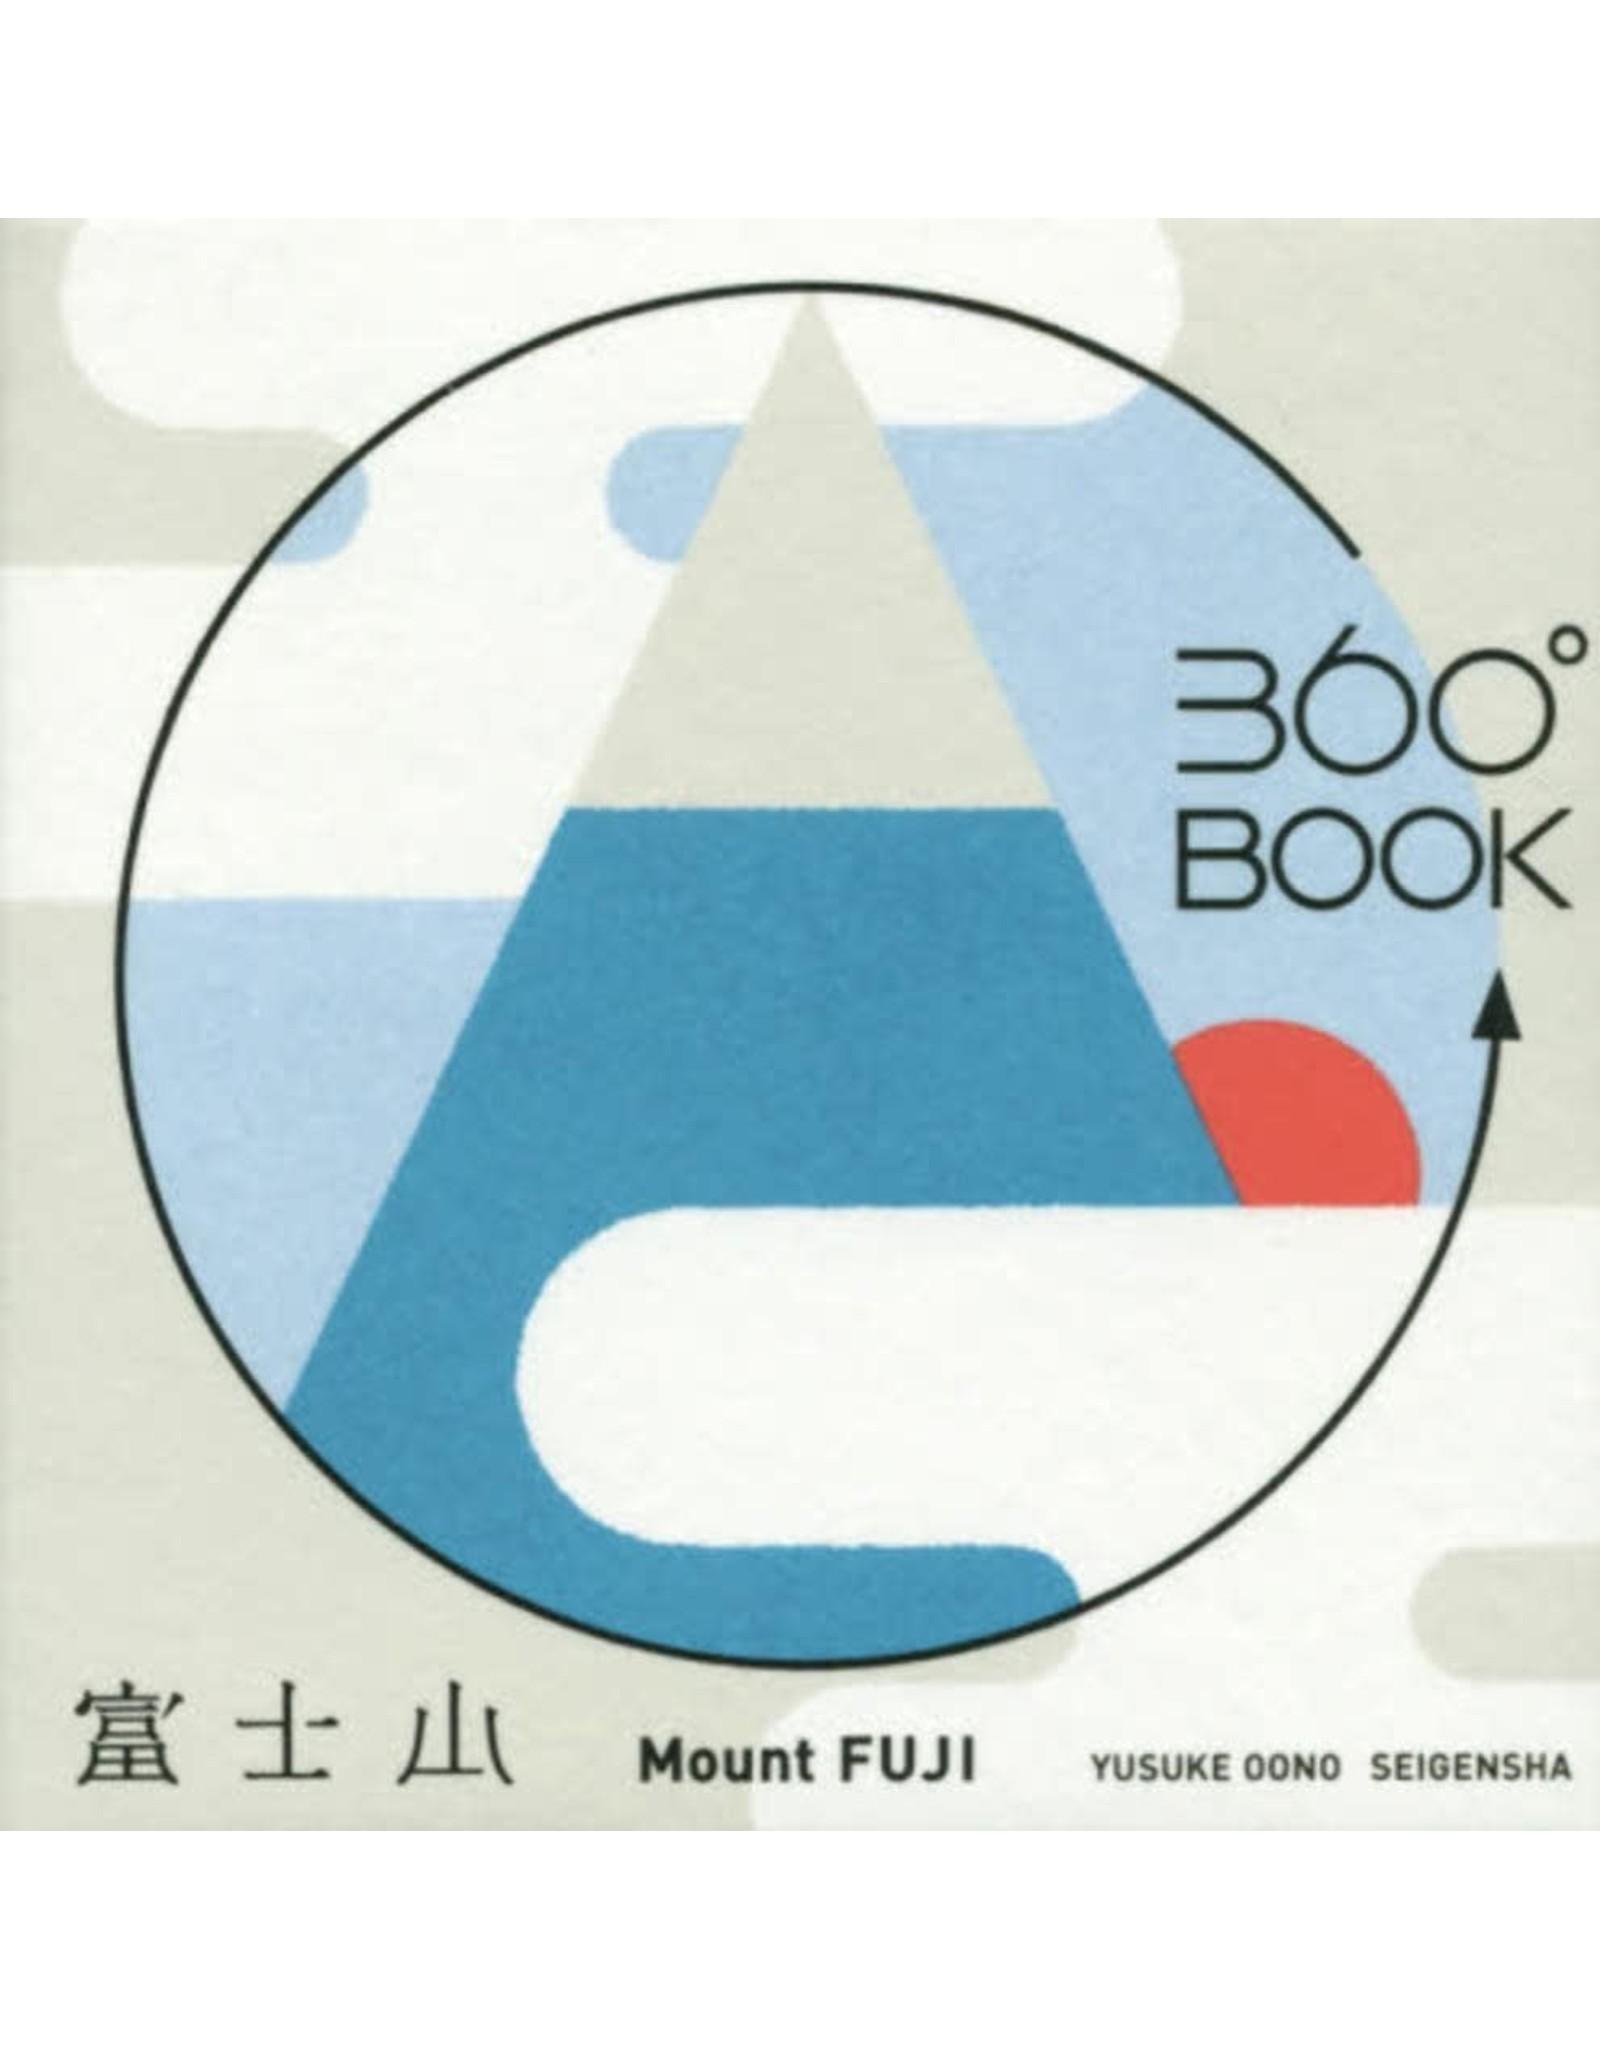 SEIGENSHA 360°BOOK MOUNT FUJI